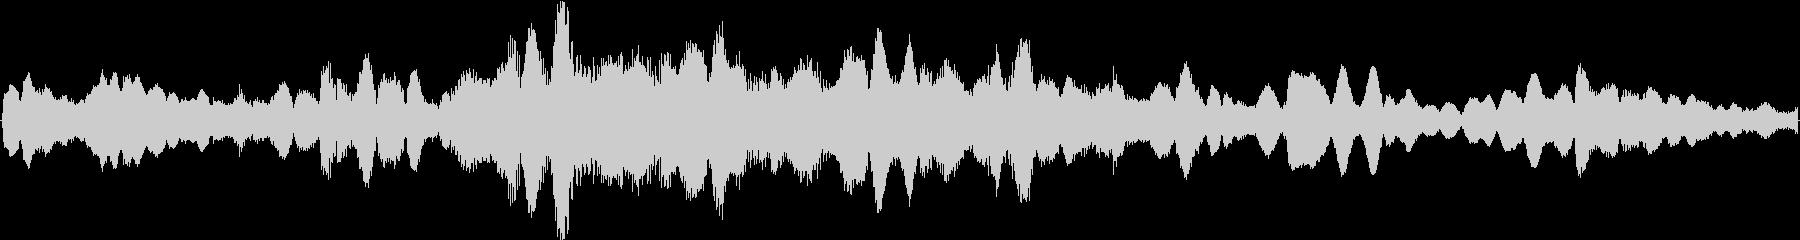 幻想的なおかつ空間的なイメージをした楽…の未再生の波形